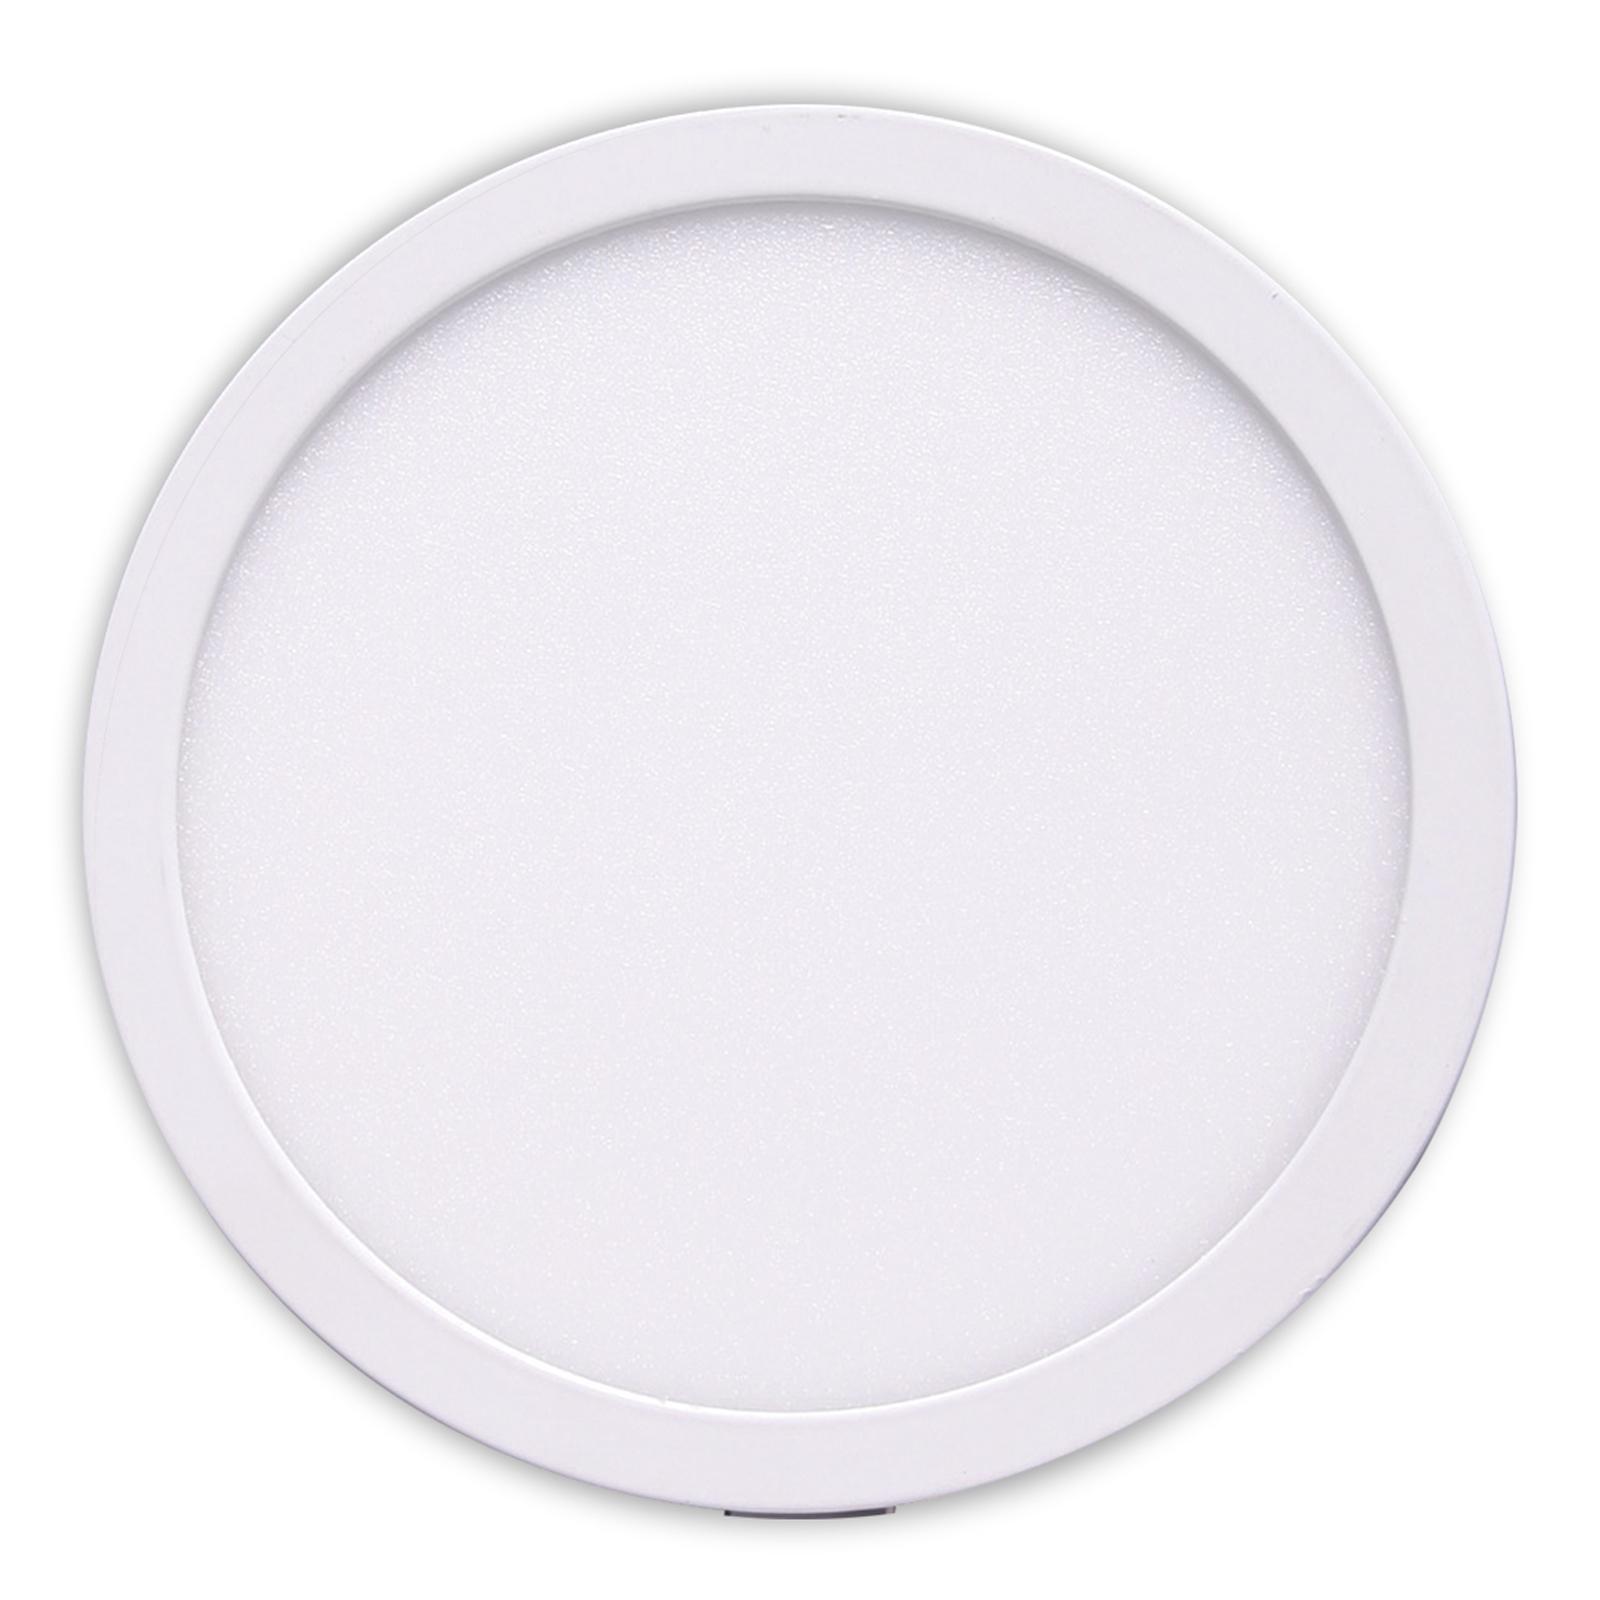 Встраиваемая светодиодная панель Mantra Saona C0187, белый, металл, пластик - фото 3